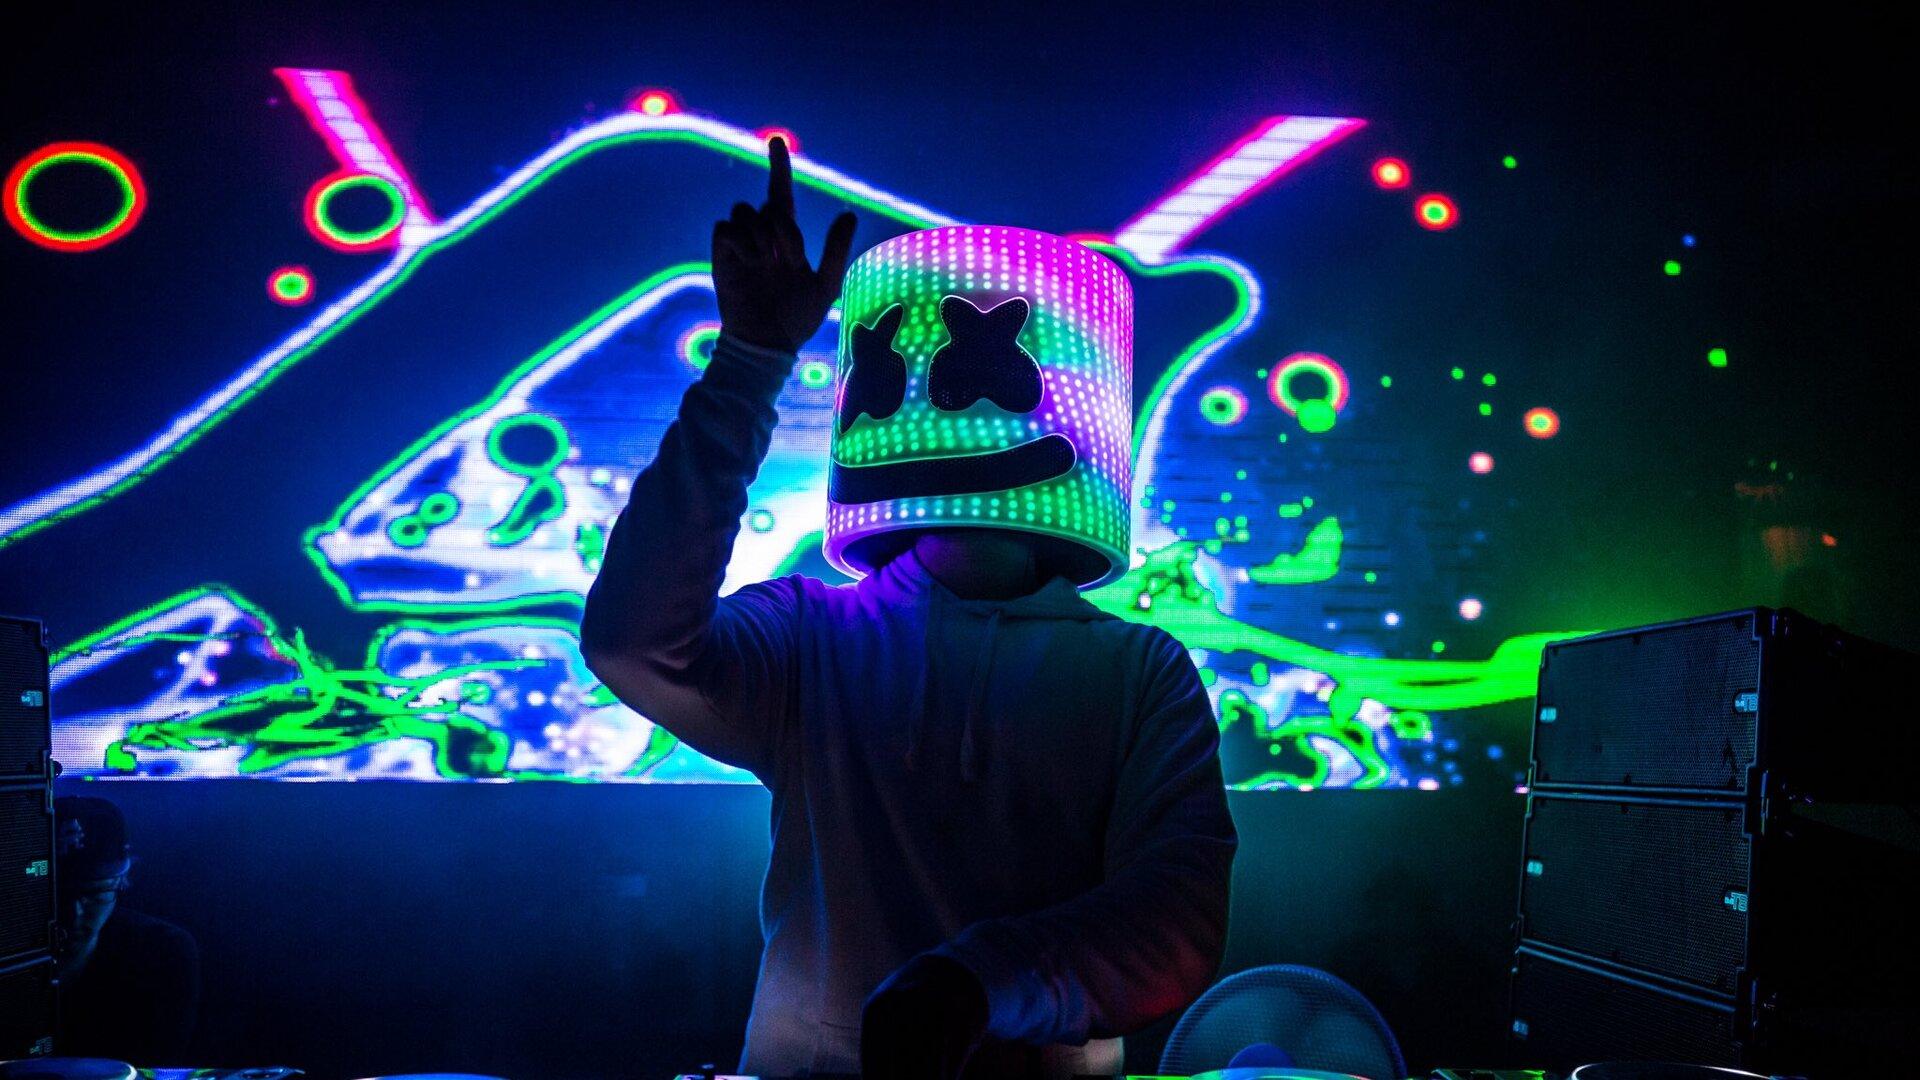 Dj Wallpapers Hd 2016: 1920x1080 Marshmello DJ HD Laptop Full HD 1080P HD 4k